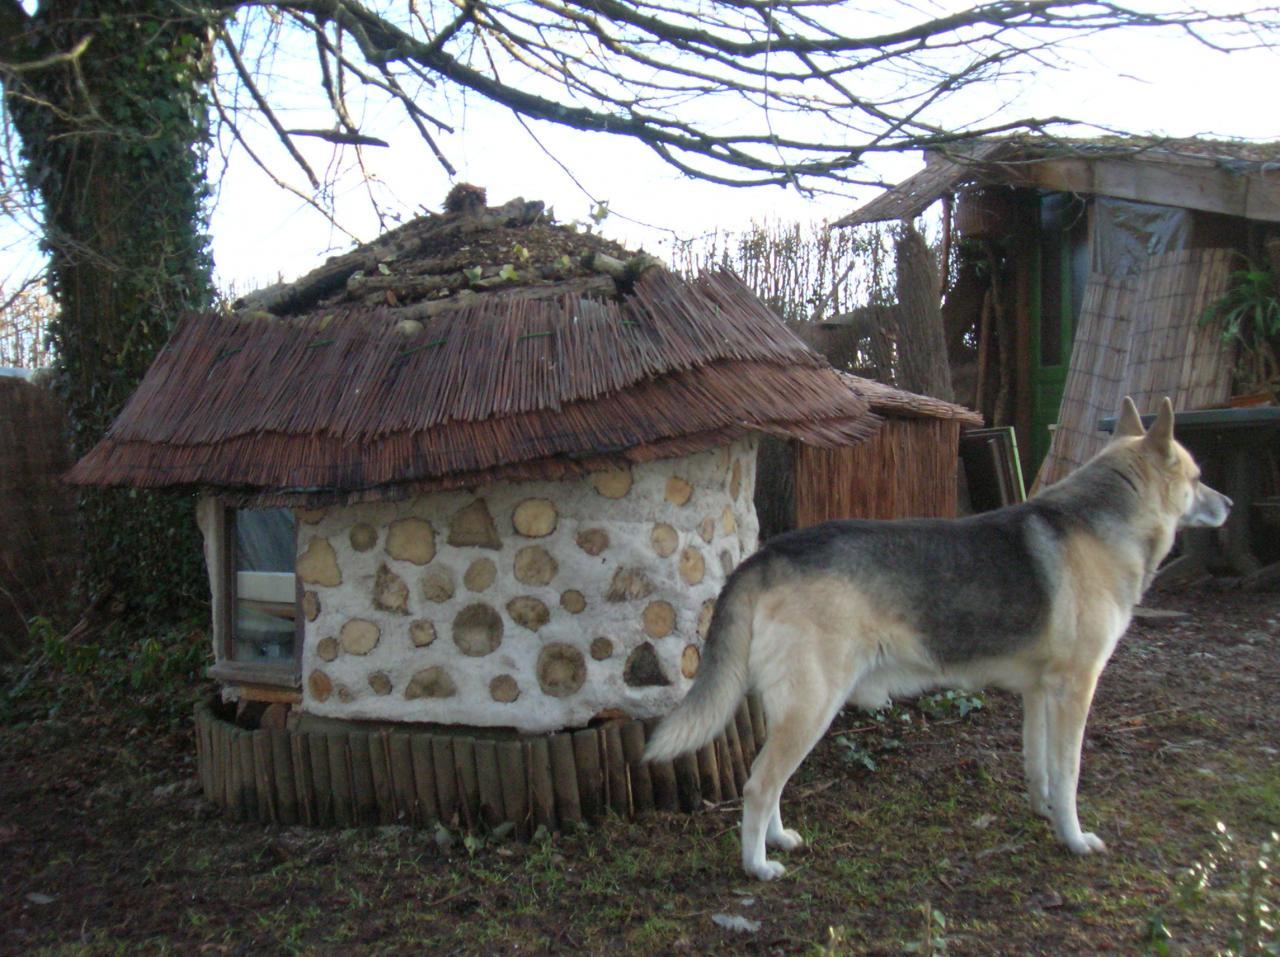 Chauffage ecolo pour chats dans une cabane en bois corde for Cabane exterieur pour chat